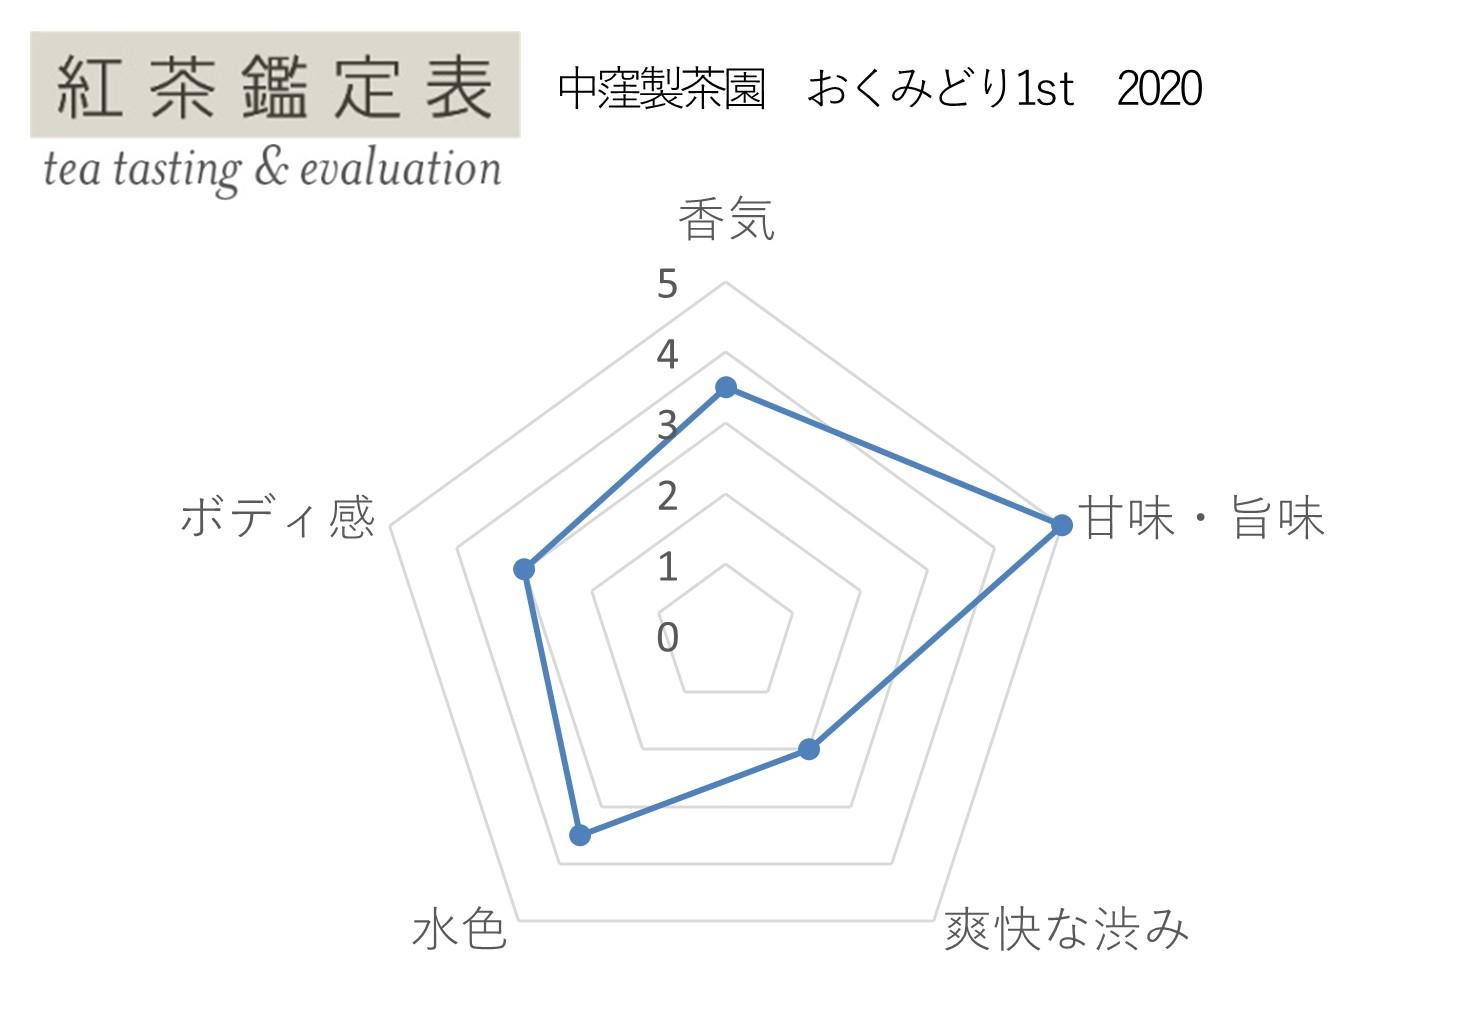 【紅茶鑑定表】中窪製茶園 おくみどり1st